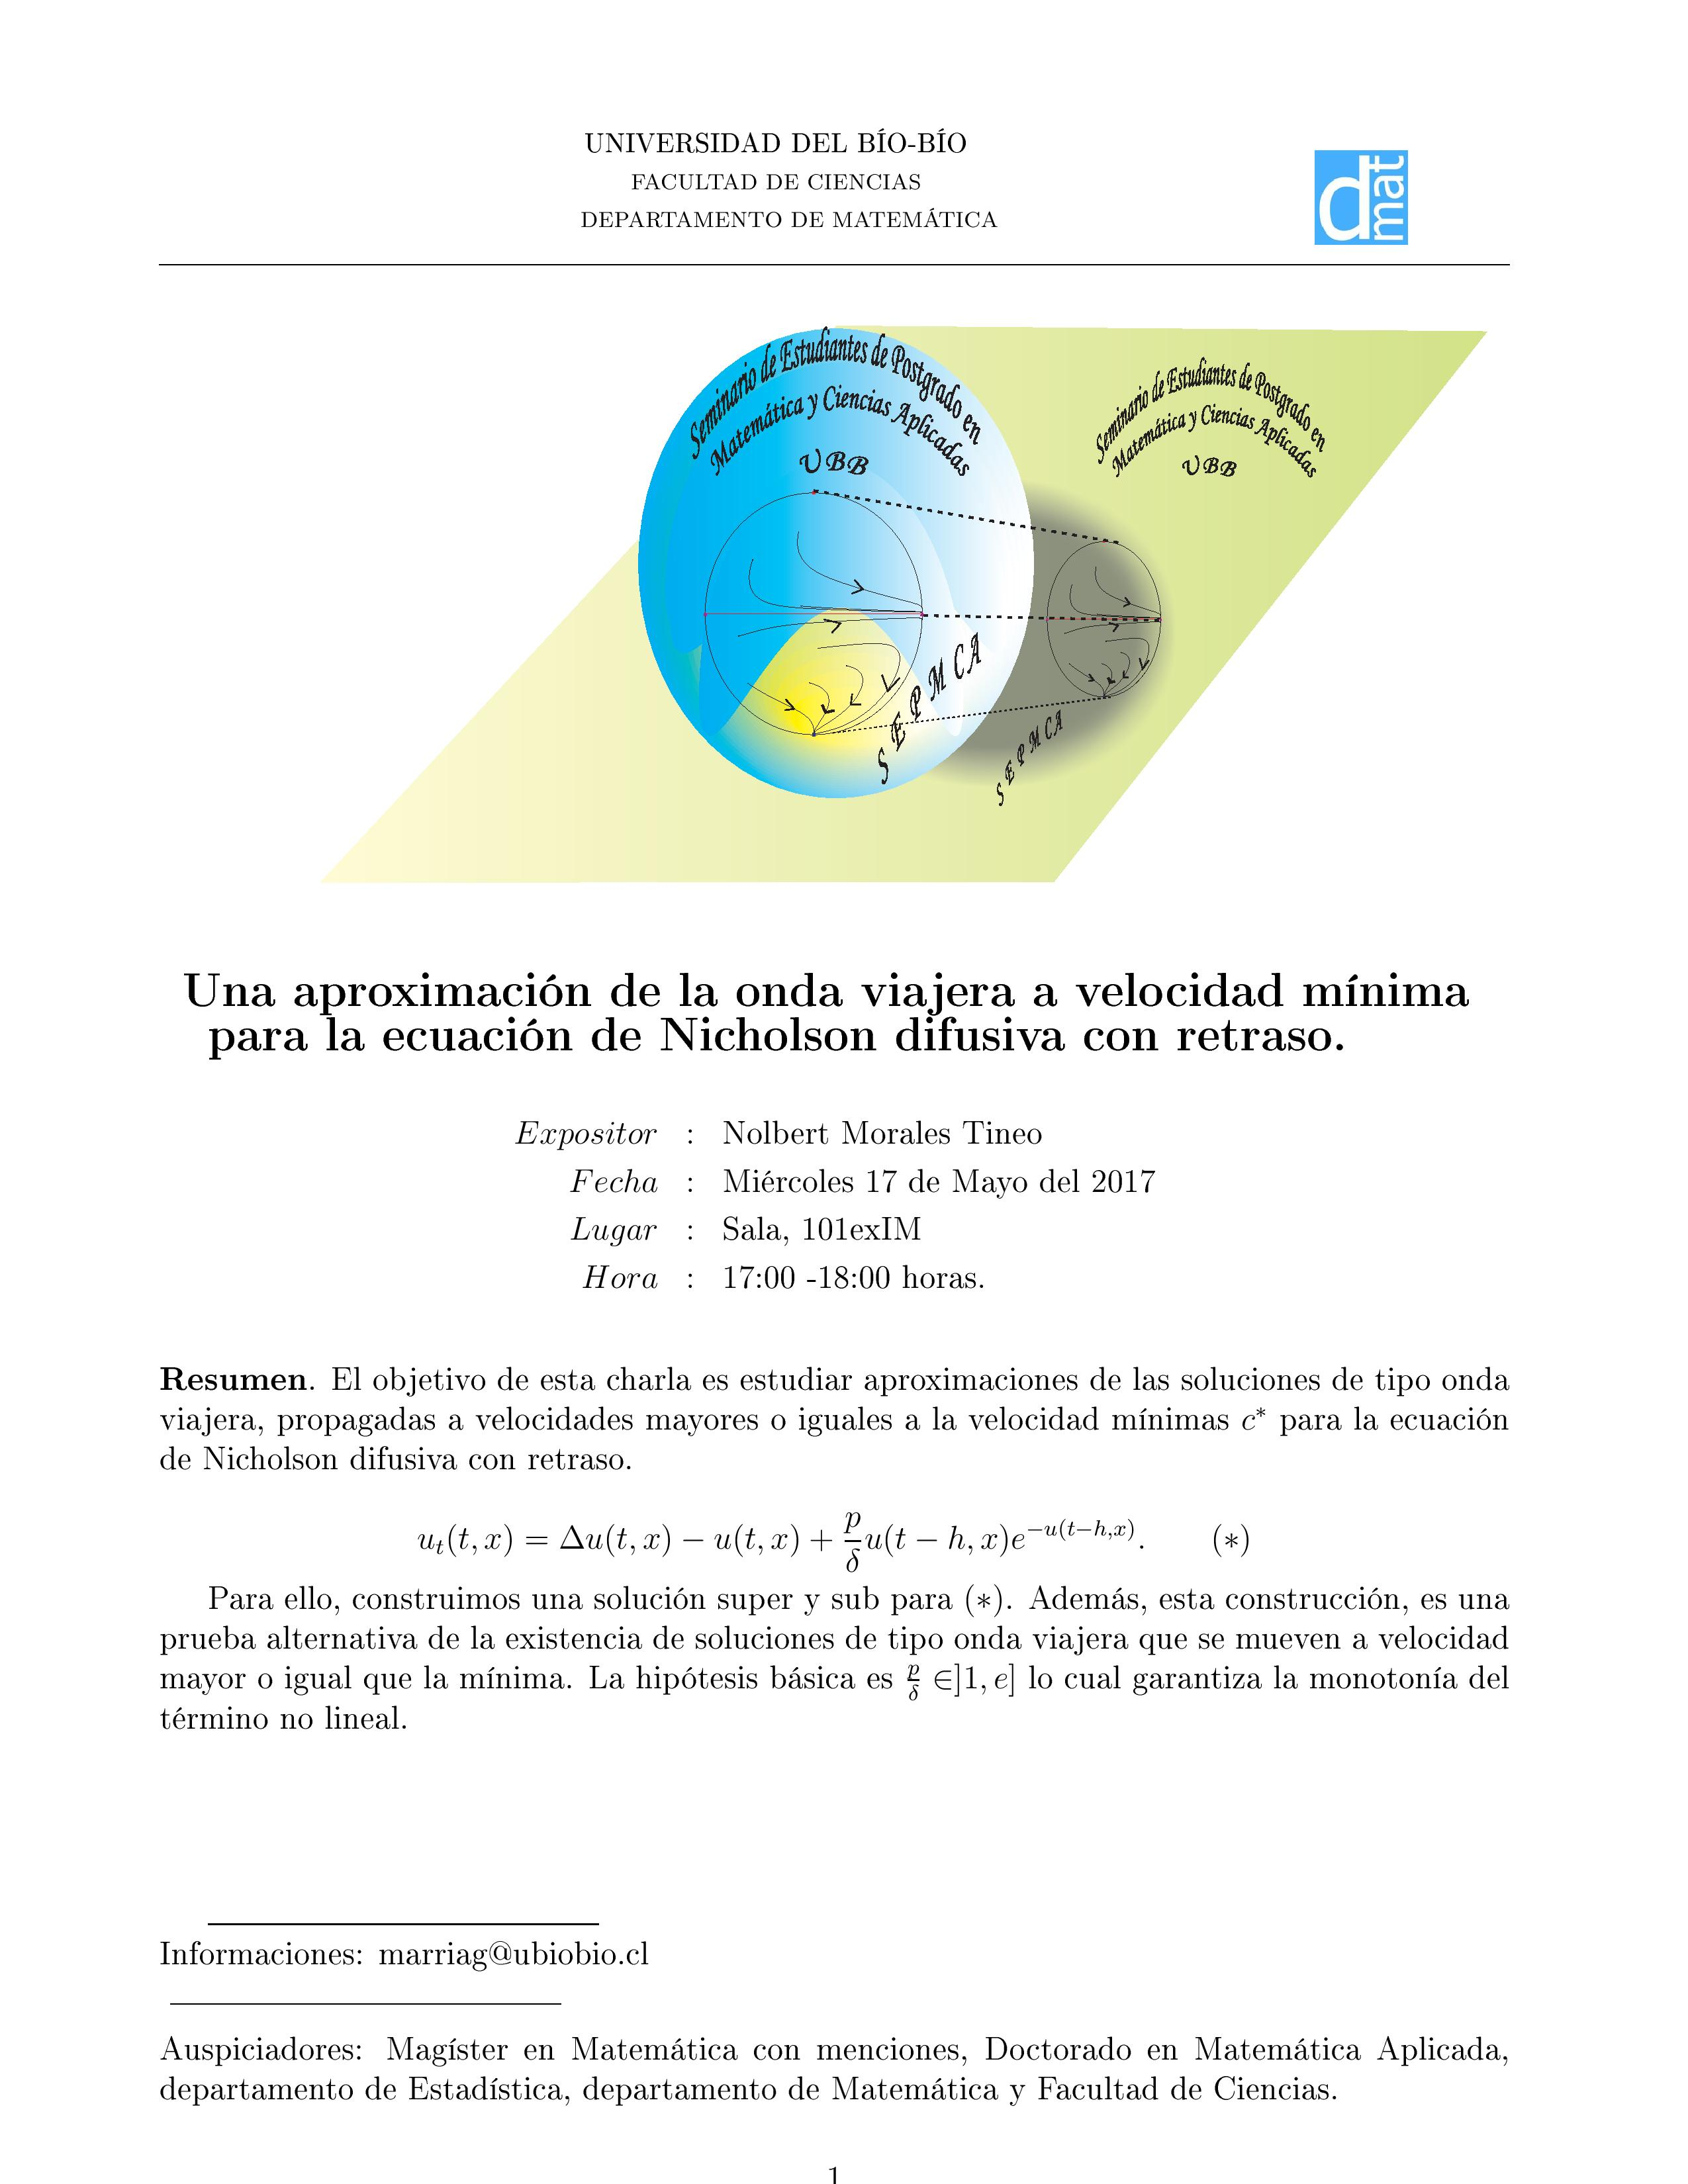 seminario-epmca-nolbert_2017-page-001-1